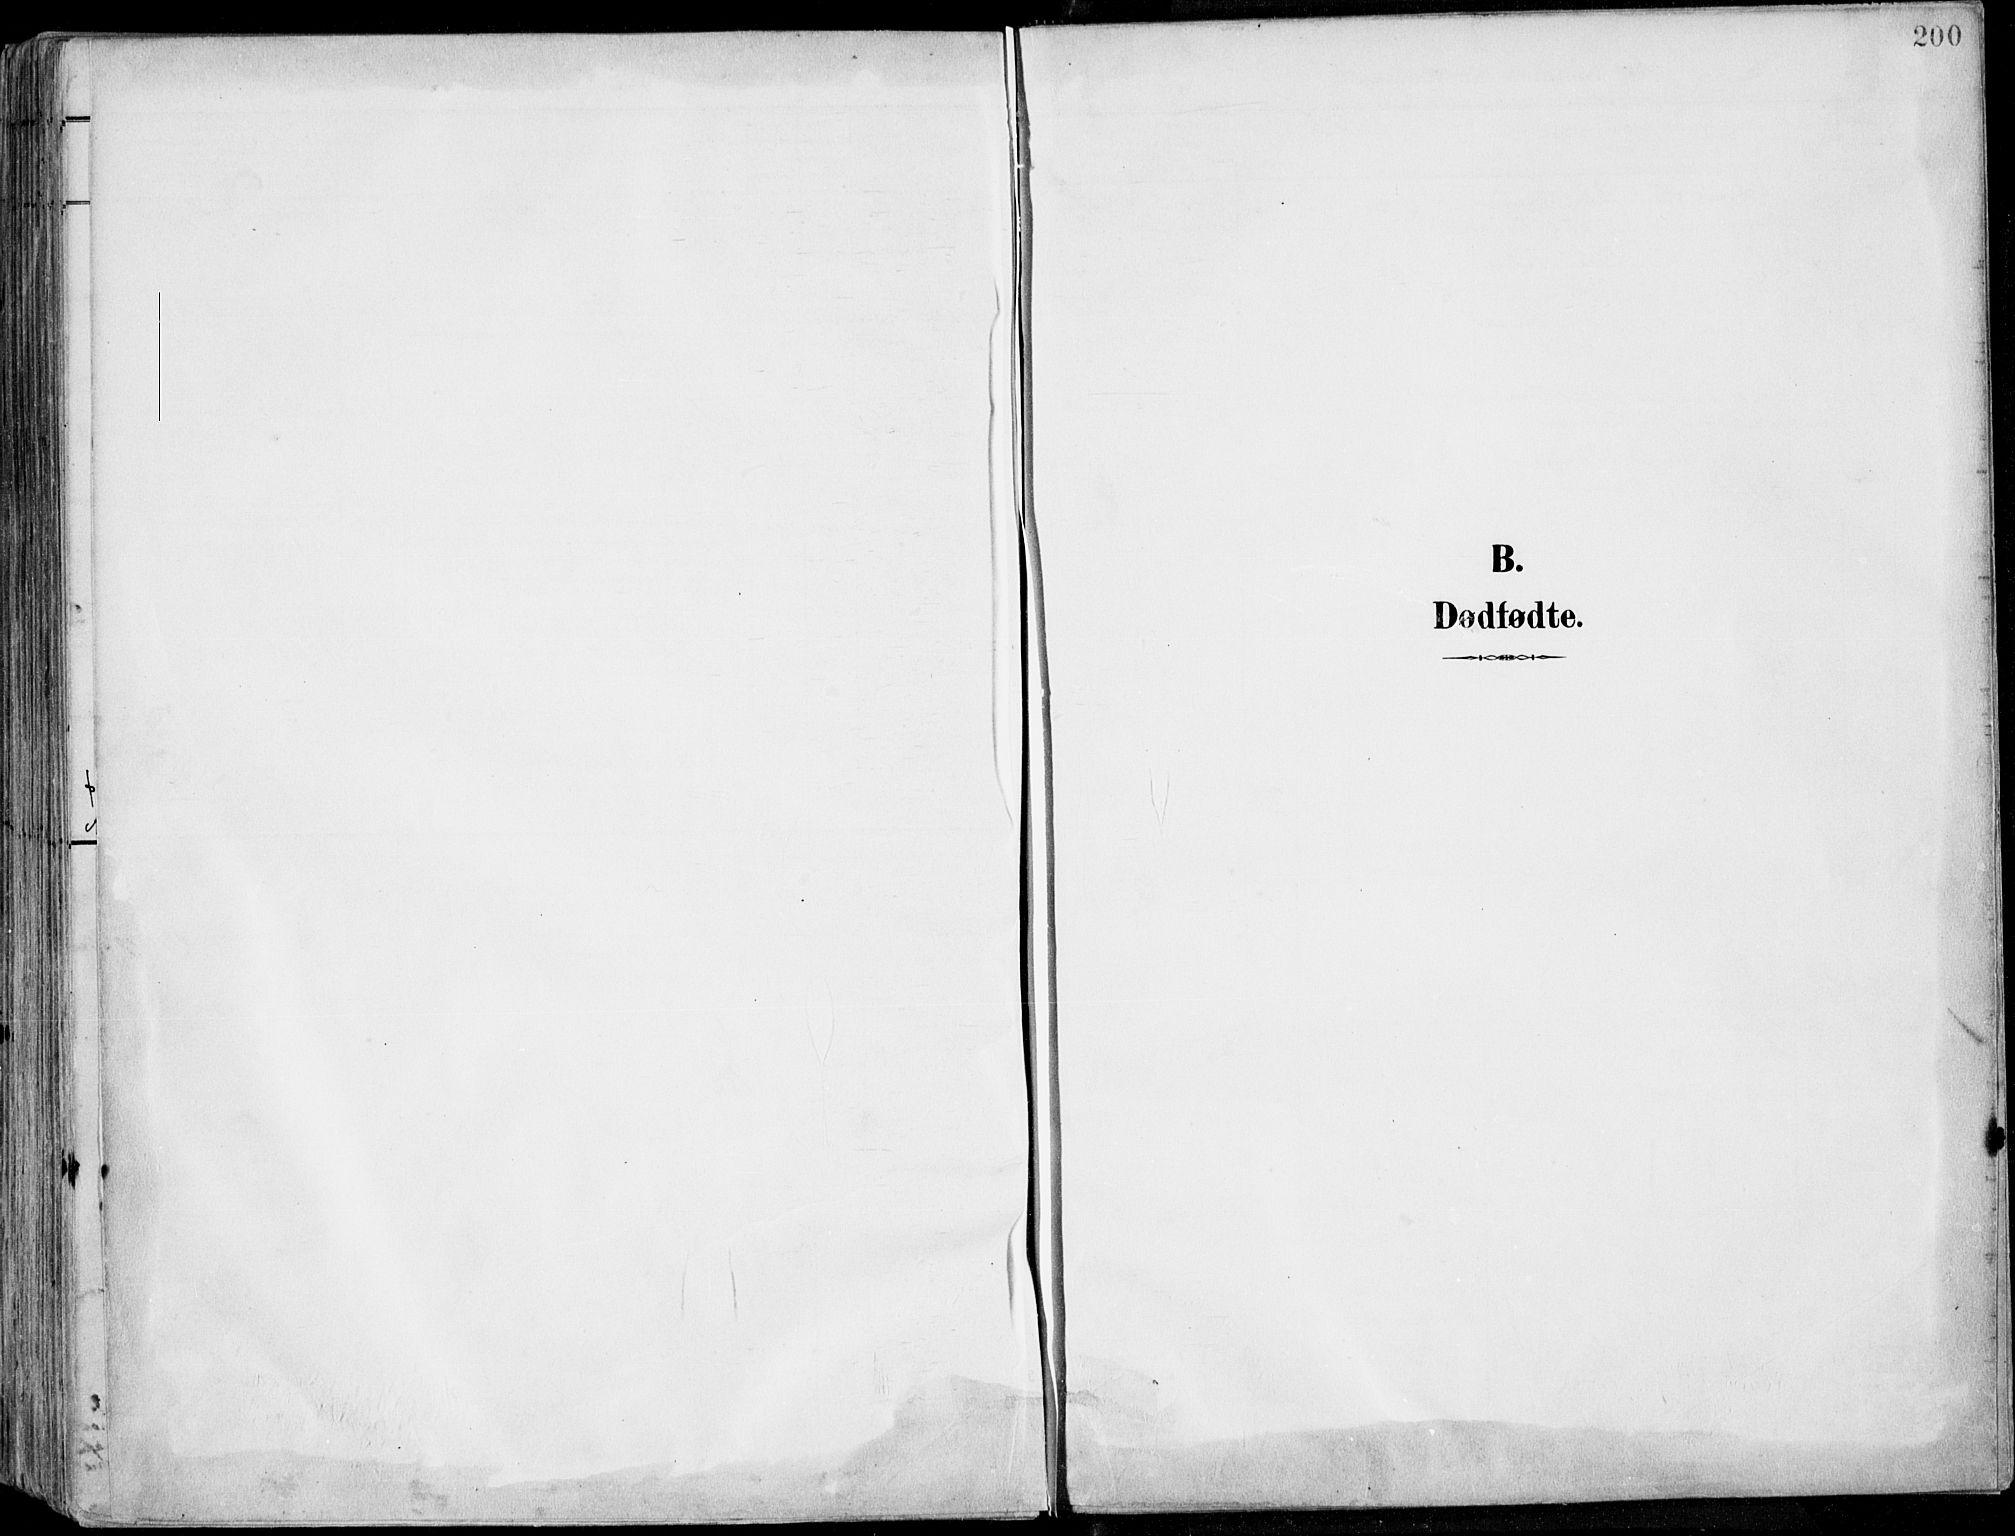 SAKO, Porsgrunn kirkebøker , F/Fa/L0010: Ministerialbok nr. 10, 1895-1919, s. 200